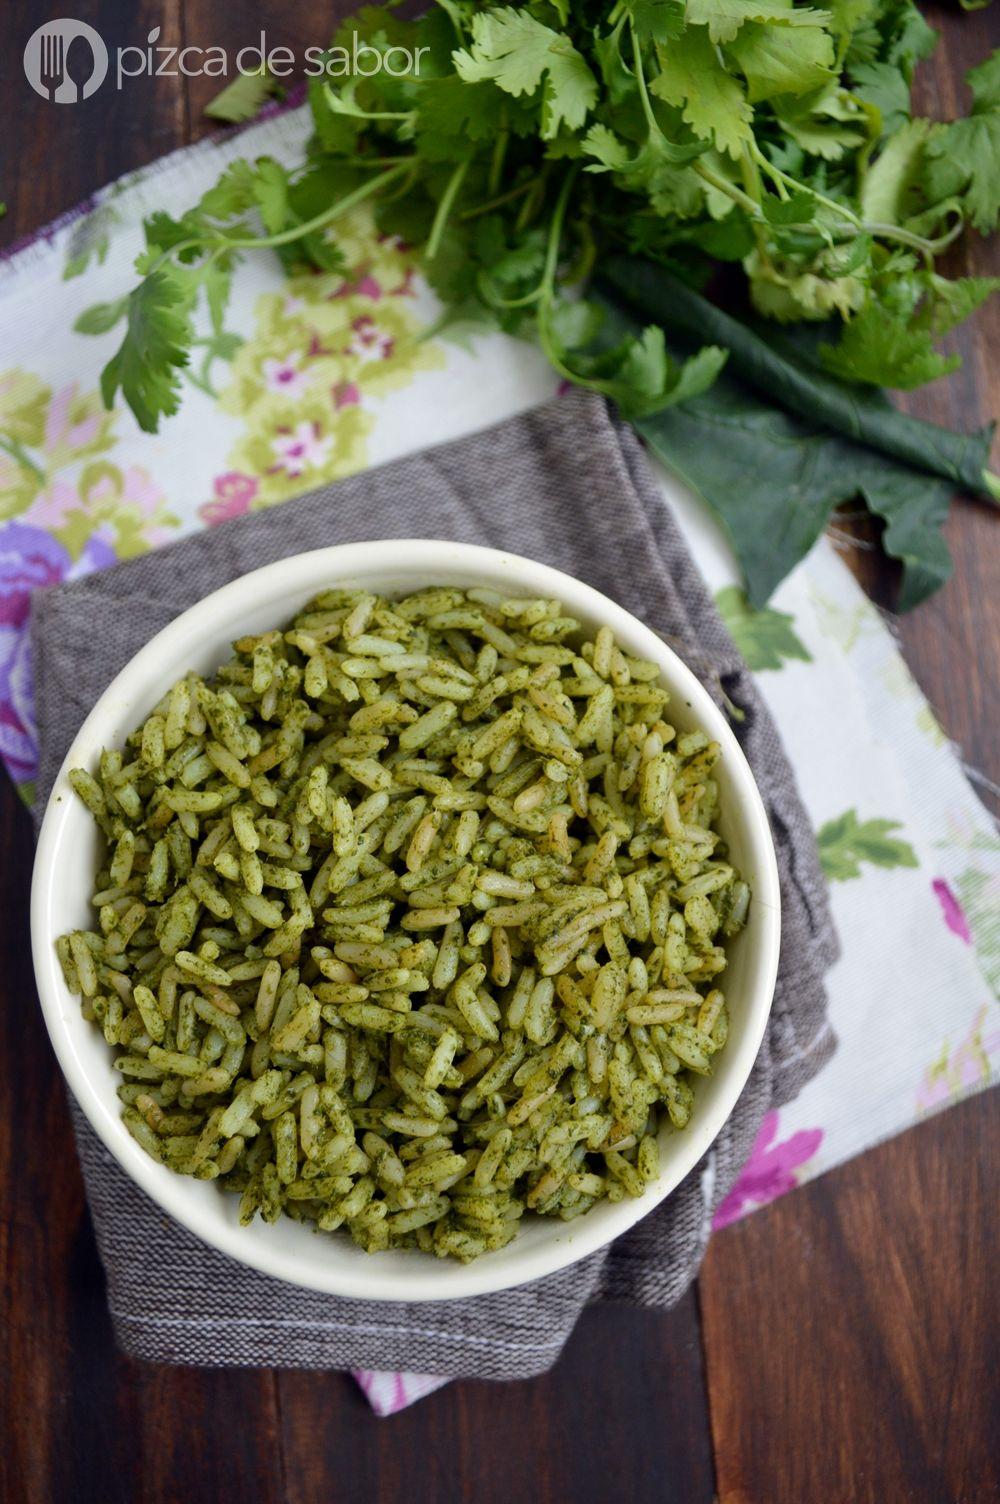 Cómo Hacer Arroz Verde Pizca De Sabor Receta Como Hacer Arroz Verde Arroz Verde Recetas De Comida